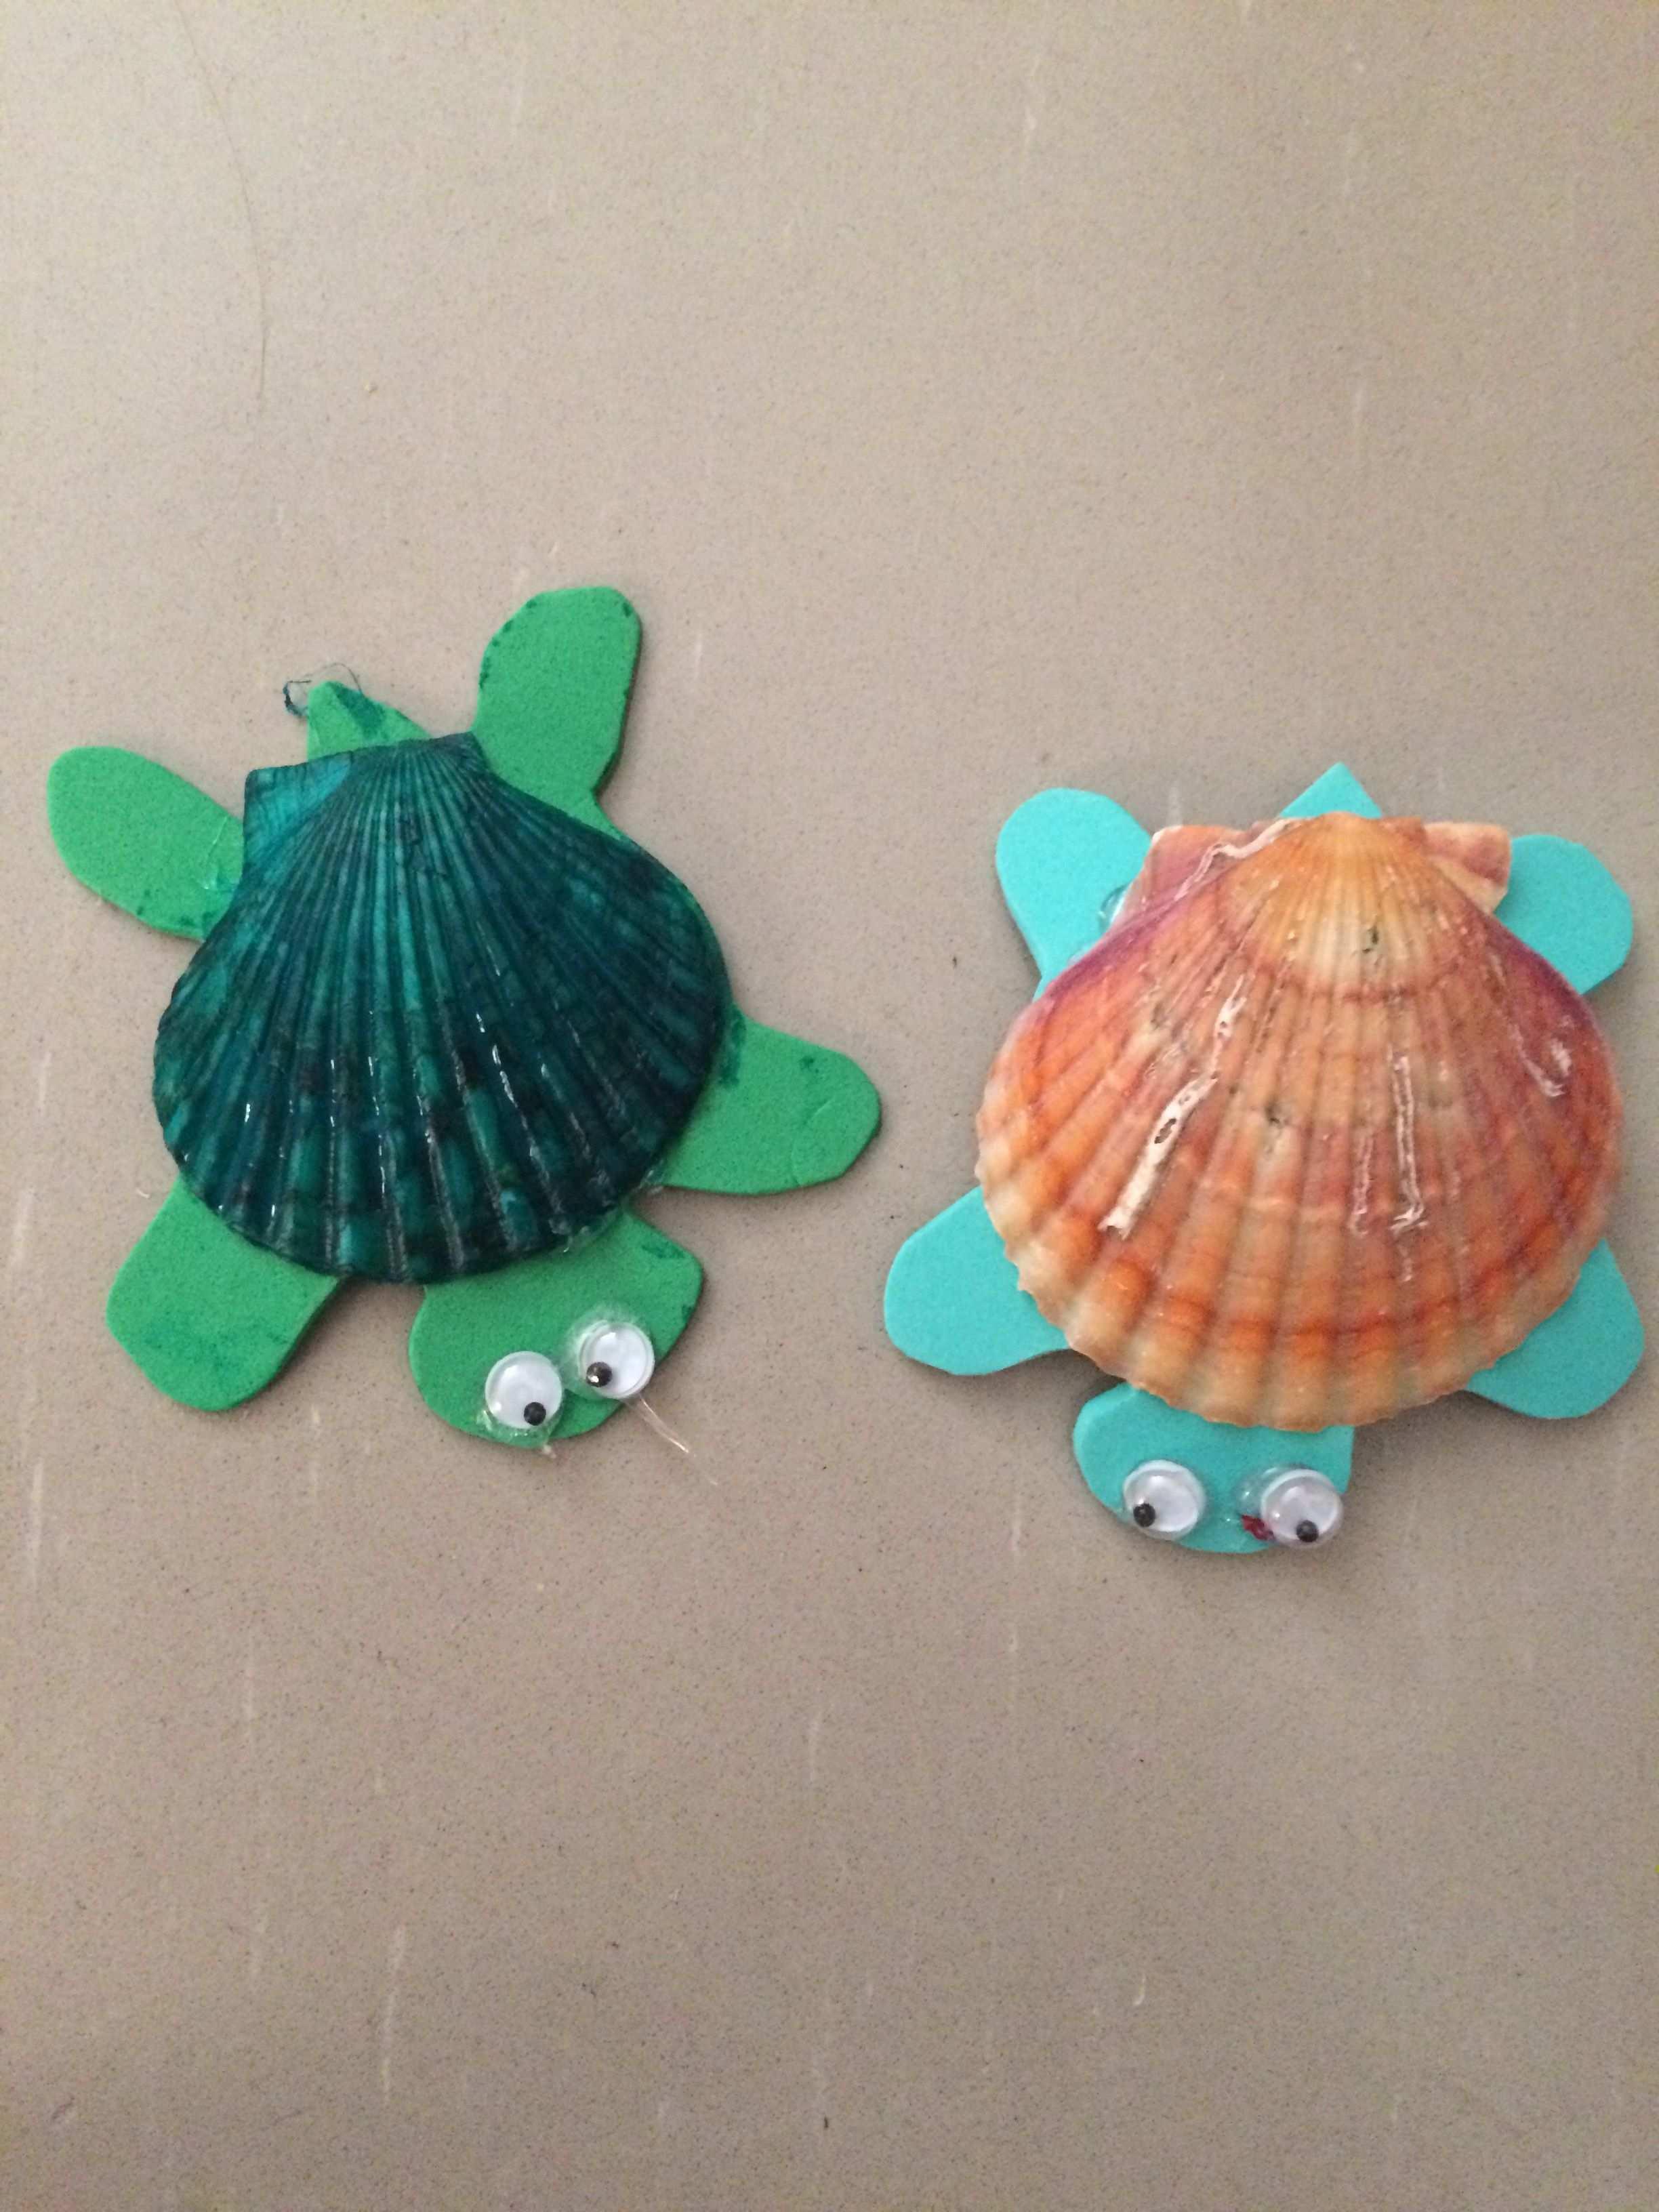 Cute Turtle Craft Made With Sea Shells And Foam Easy For Kids To Make And Fun To Do Muschel Basteleien Kinder Basteln Einfach Basteln Mit Muscheln